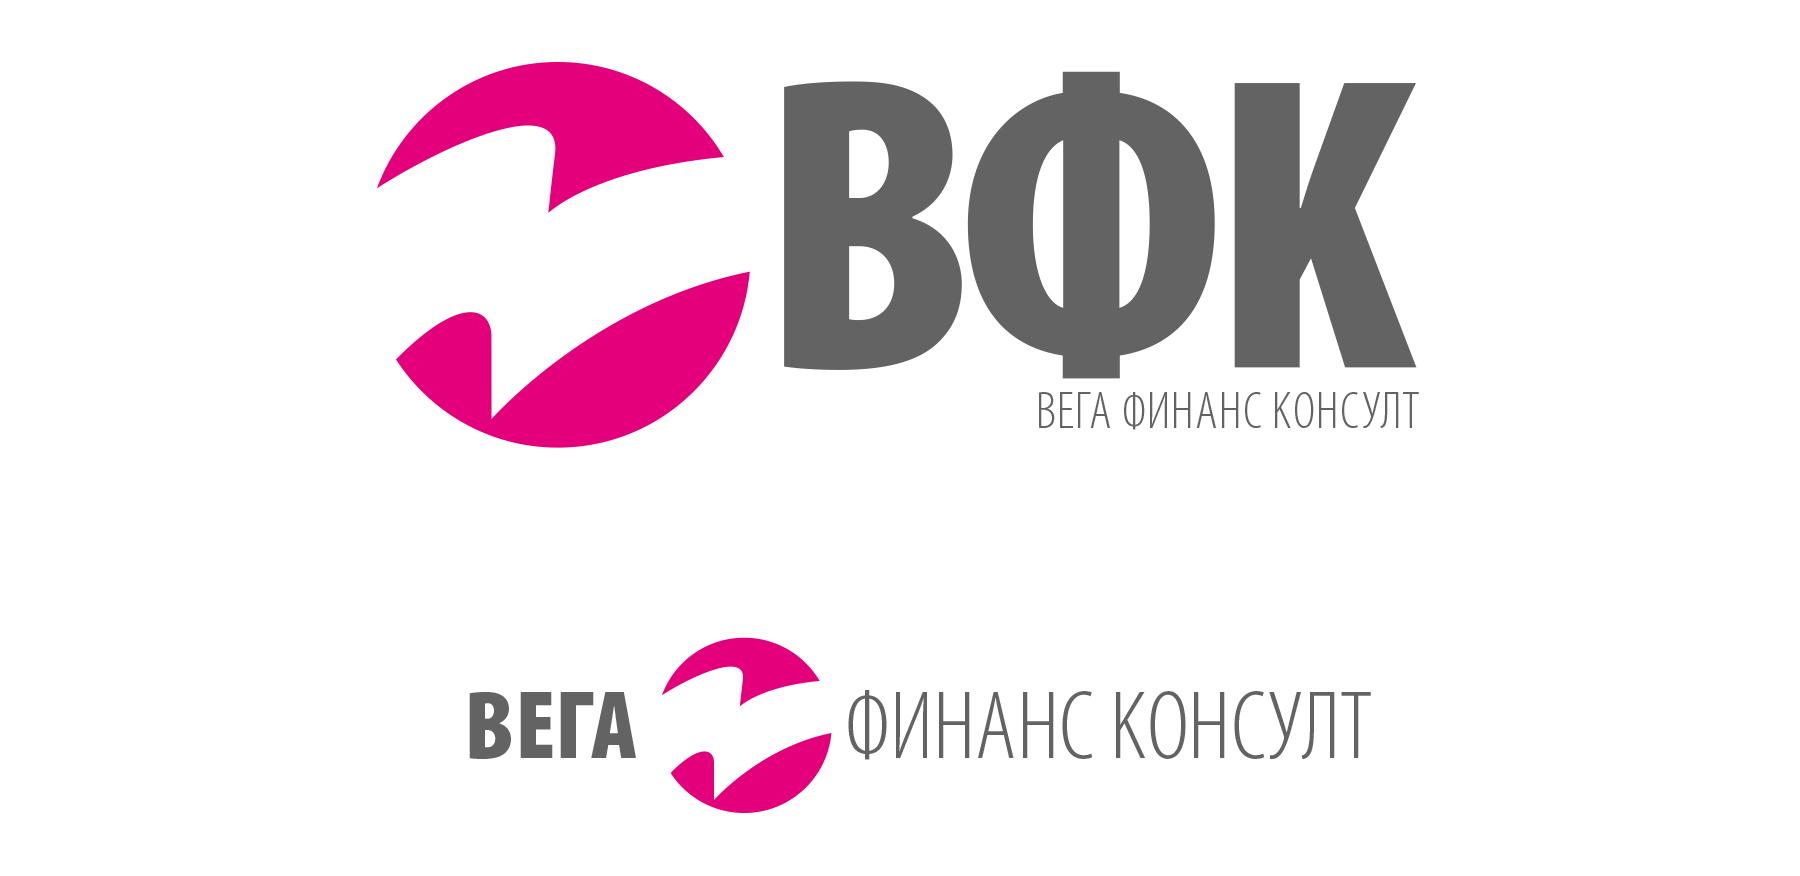 Вариант на кирилица